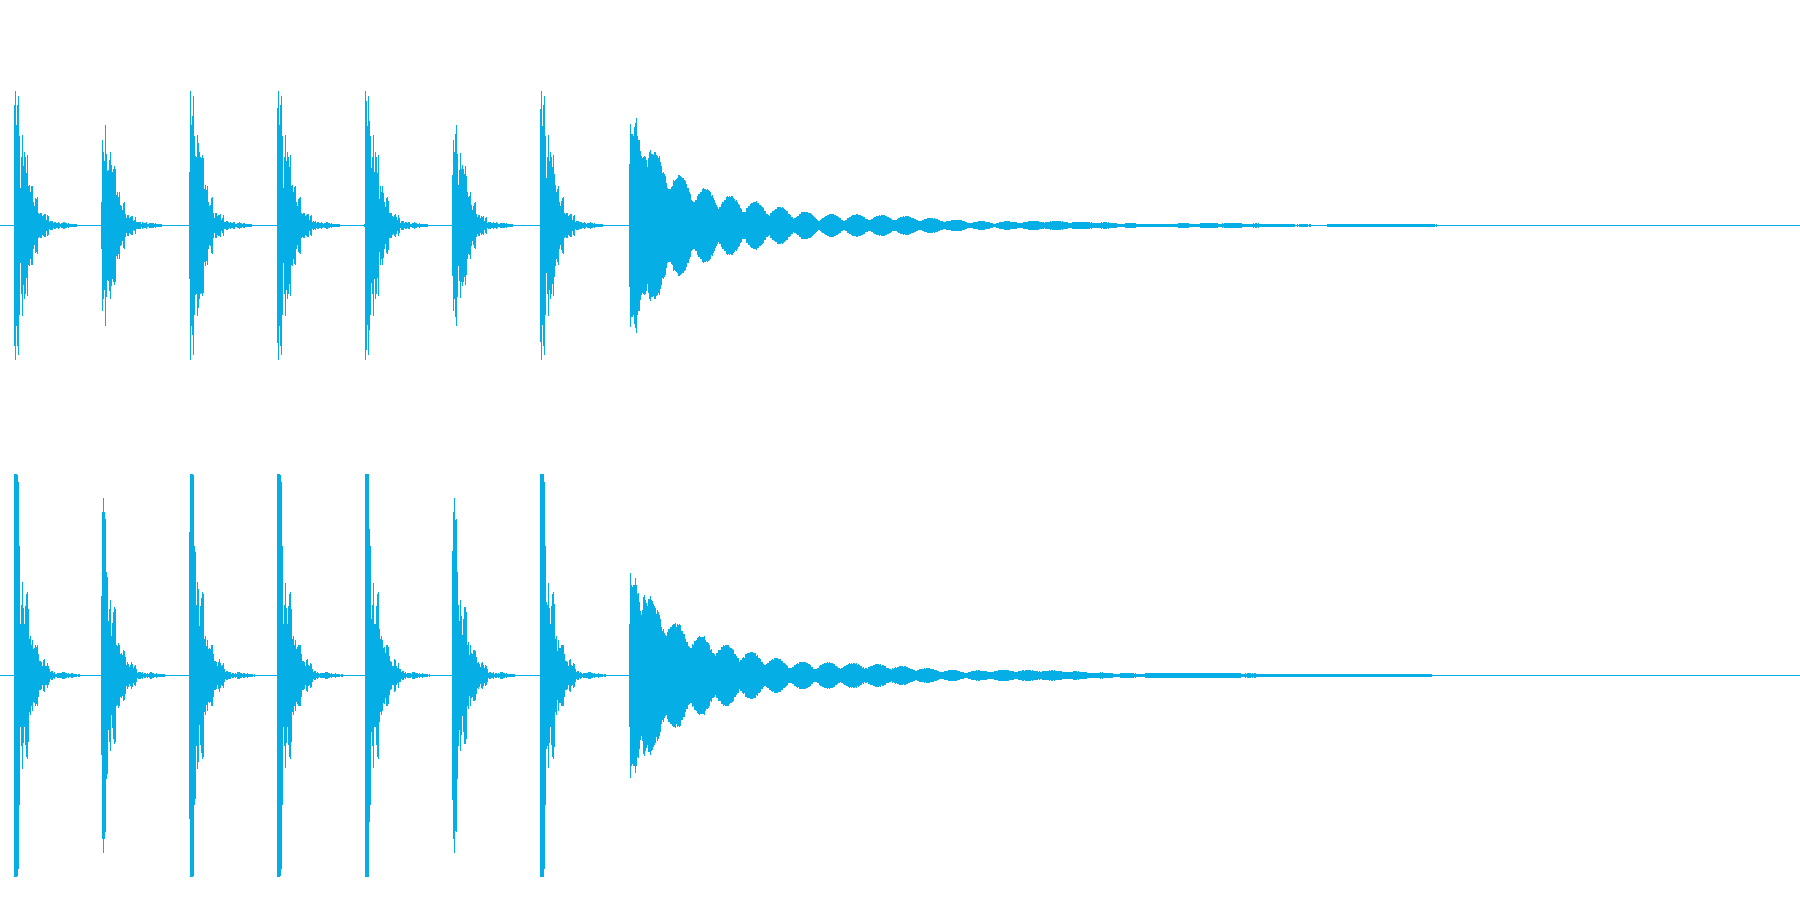 ポクポクチン1木魚シンキングタイム5秒の再生済みの波形